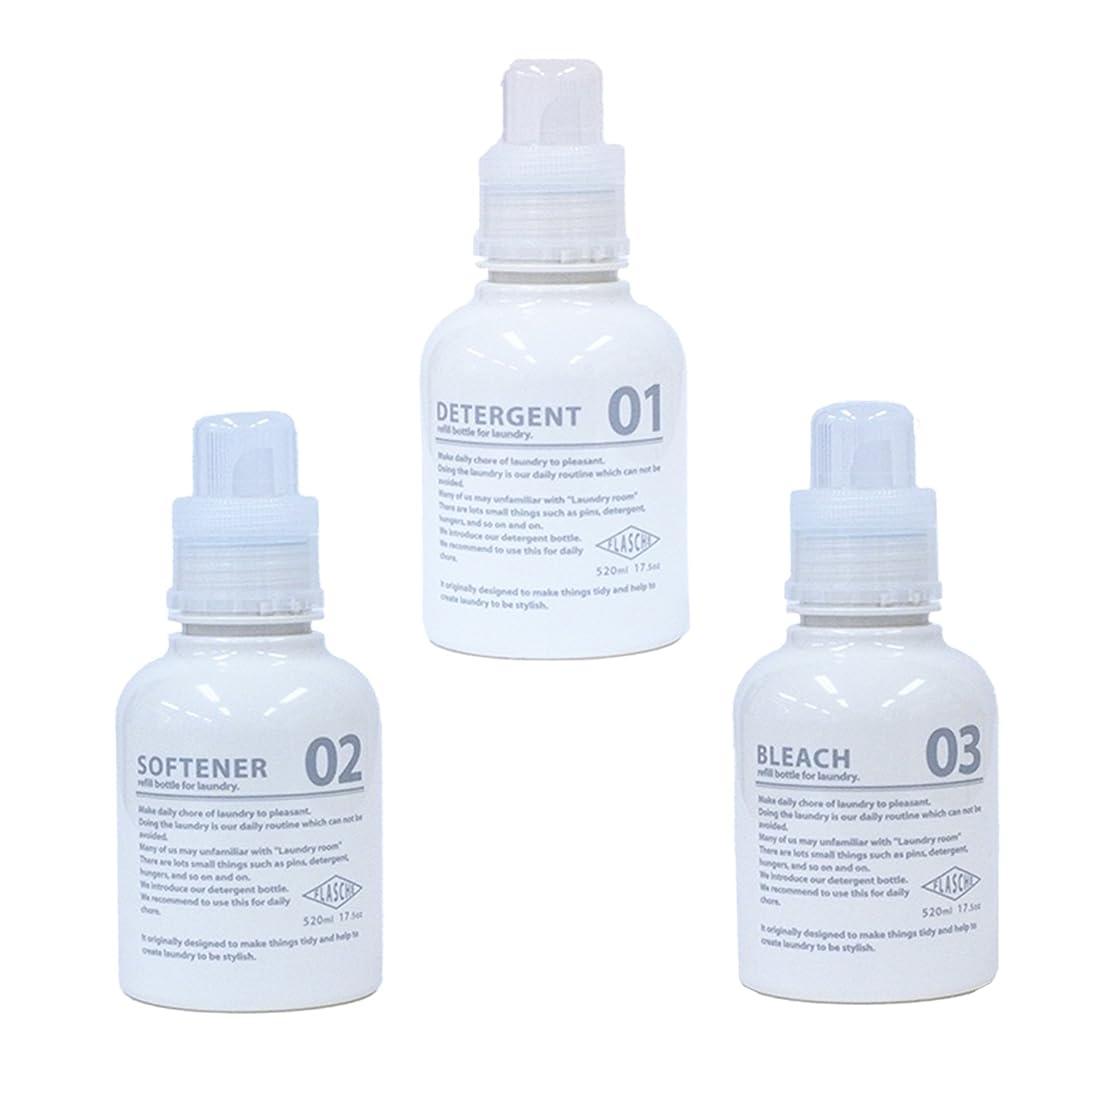 休み抹消以降フラッシュ(FLASCHE)洗剤 詰め替え ボトル 3個セット(洗濯洗剤/柔軟剤/漂白剤)日本製 520mL (ホワイト)